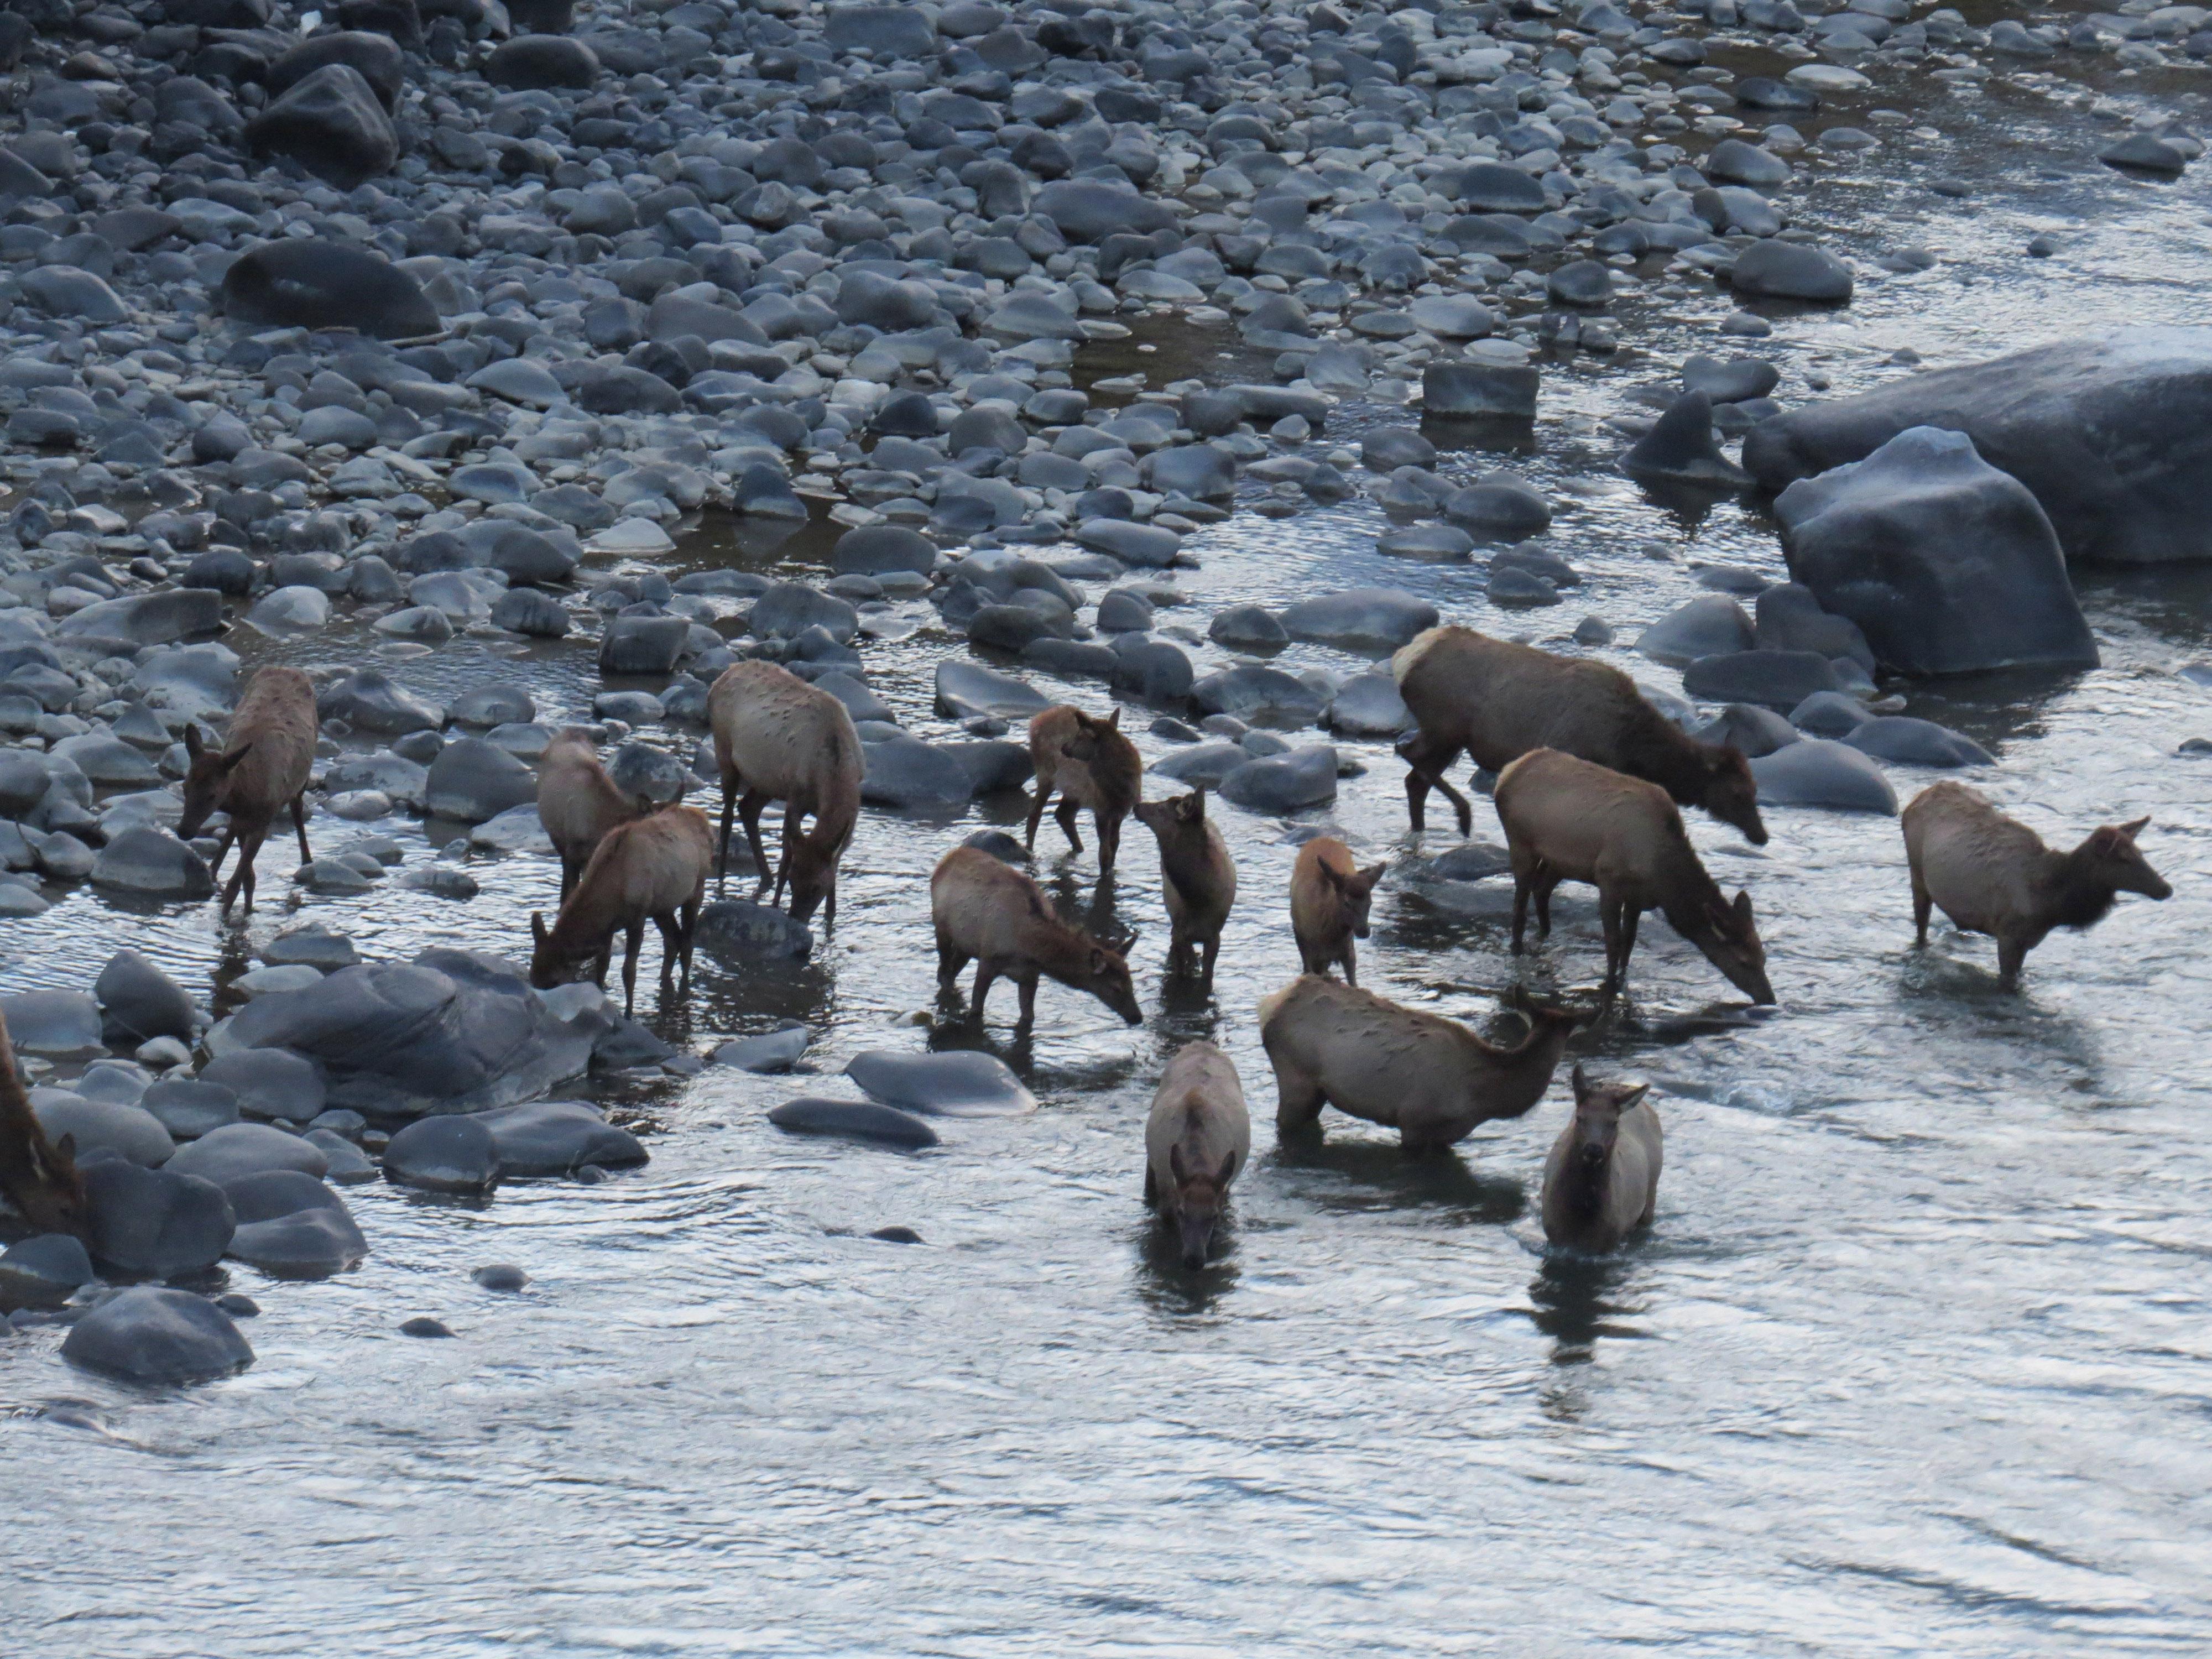 elk at the river 20161013_9522